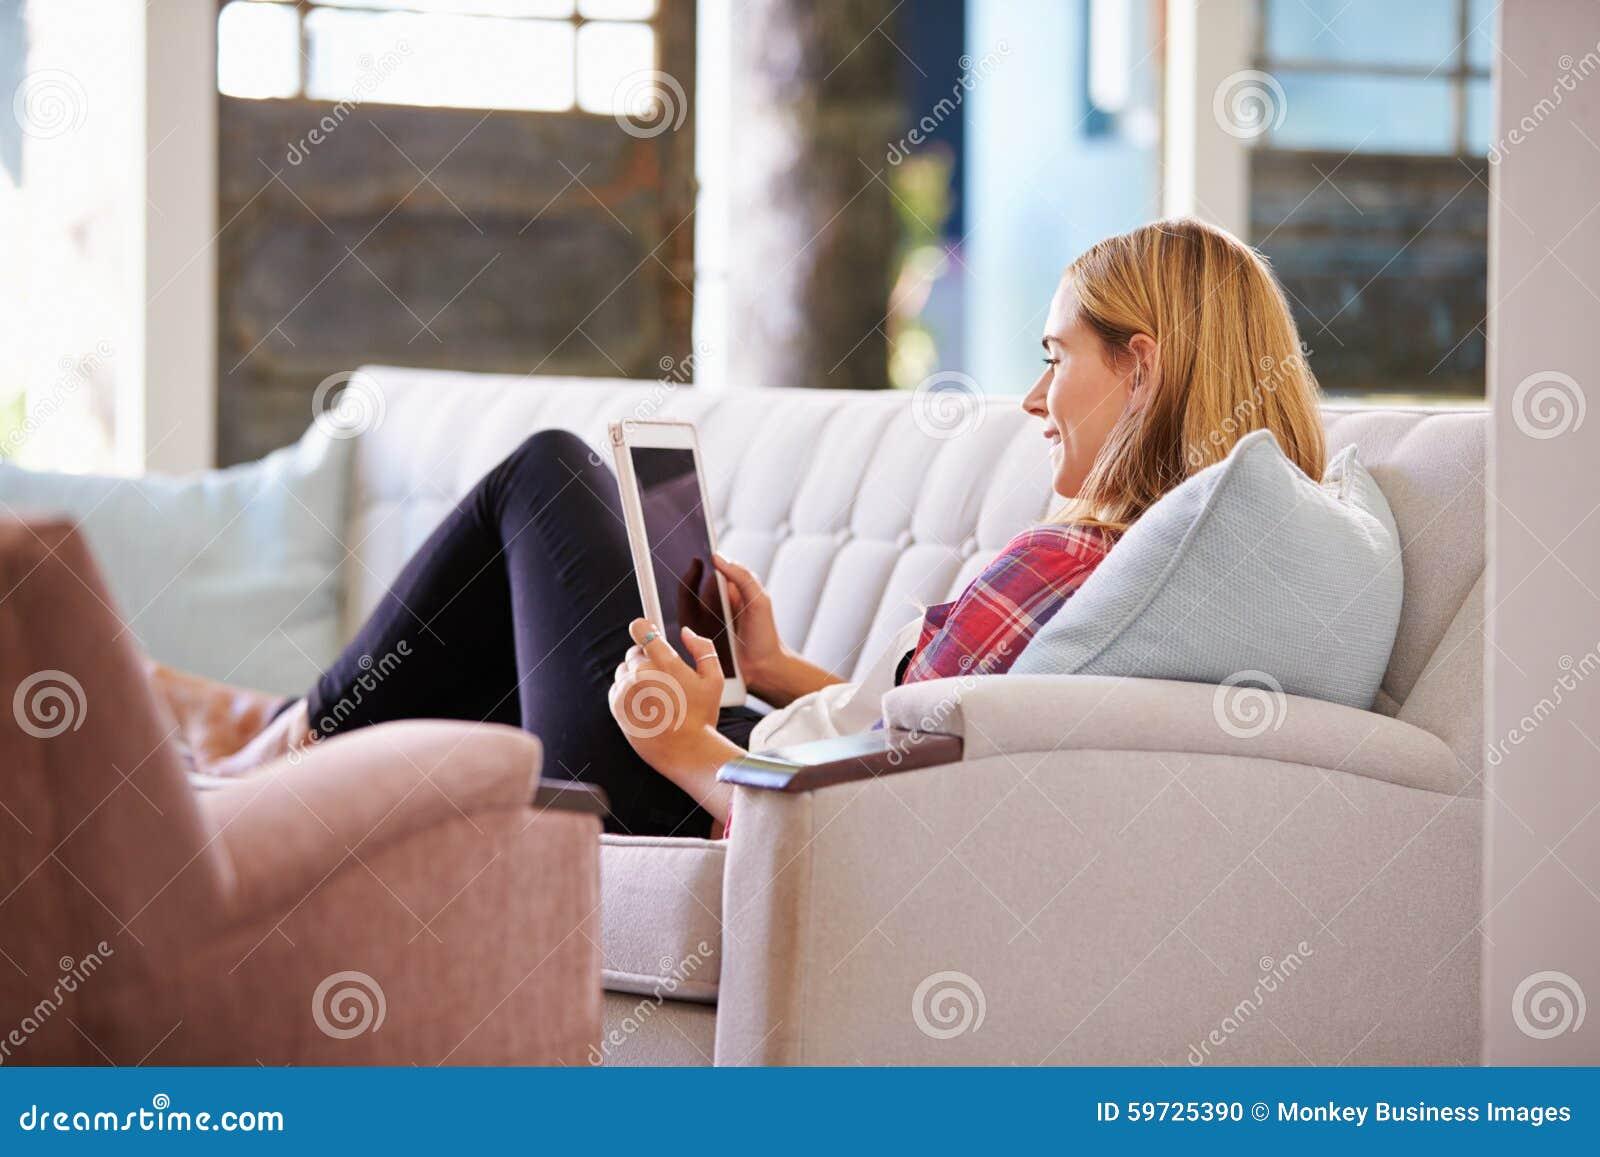 Vrouw het Ontspannen op Sofa At Home Using Digital-Tablet